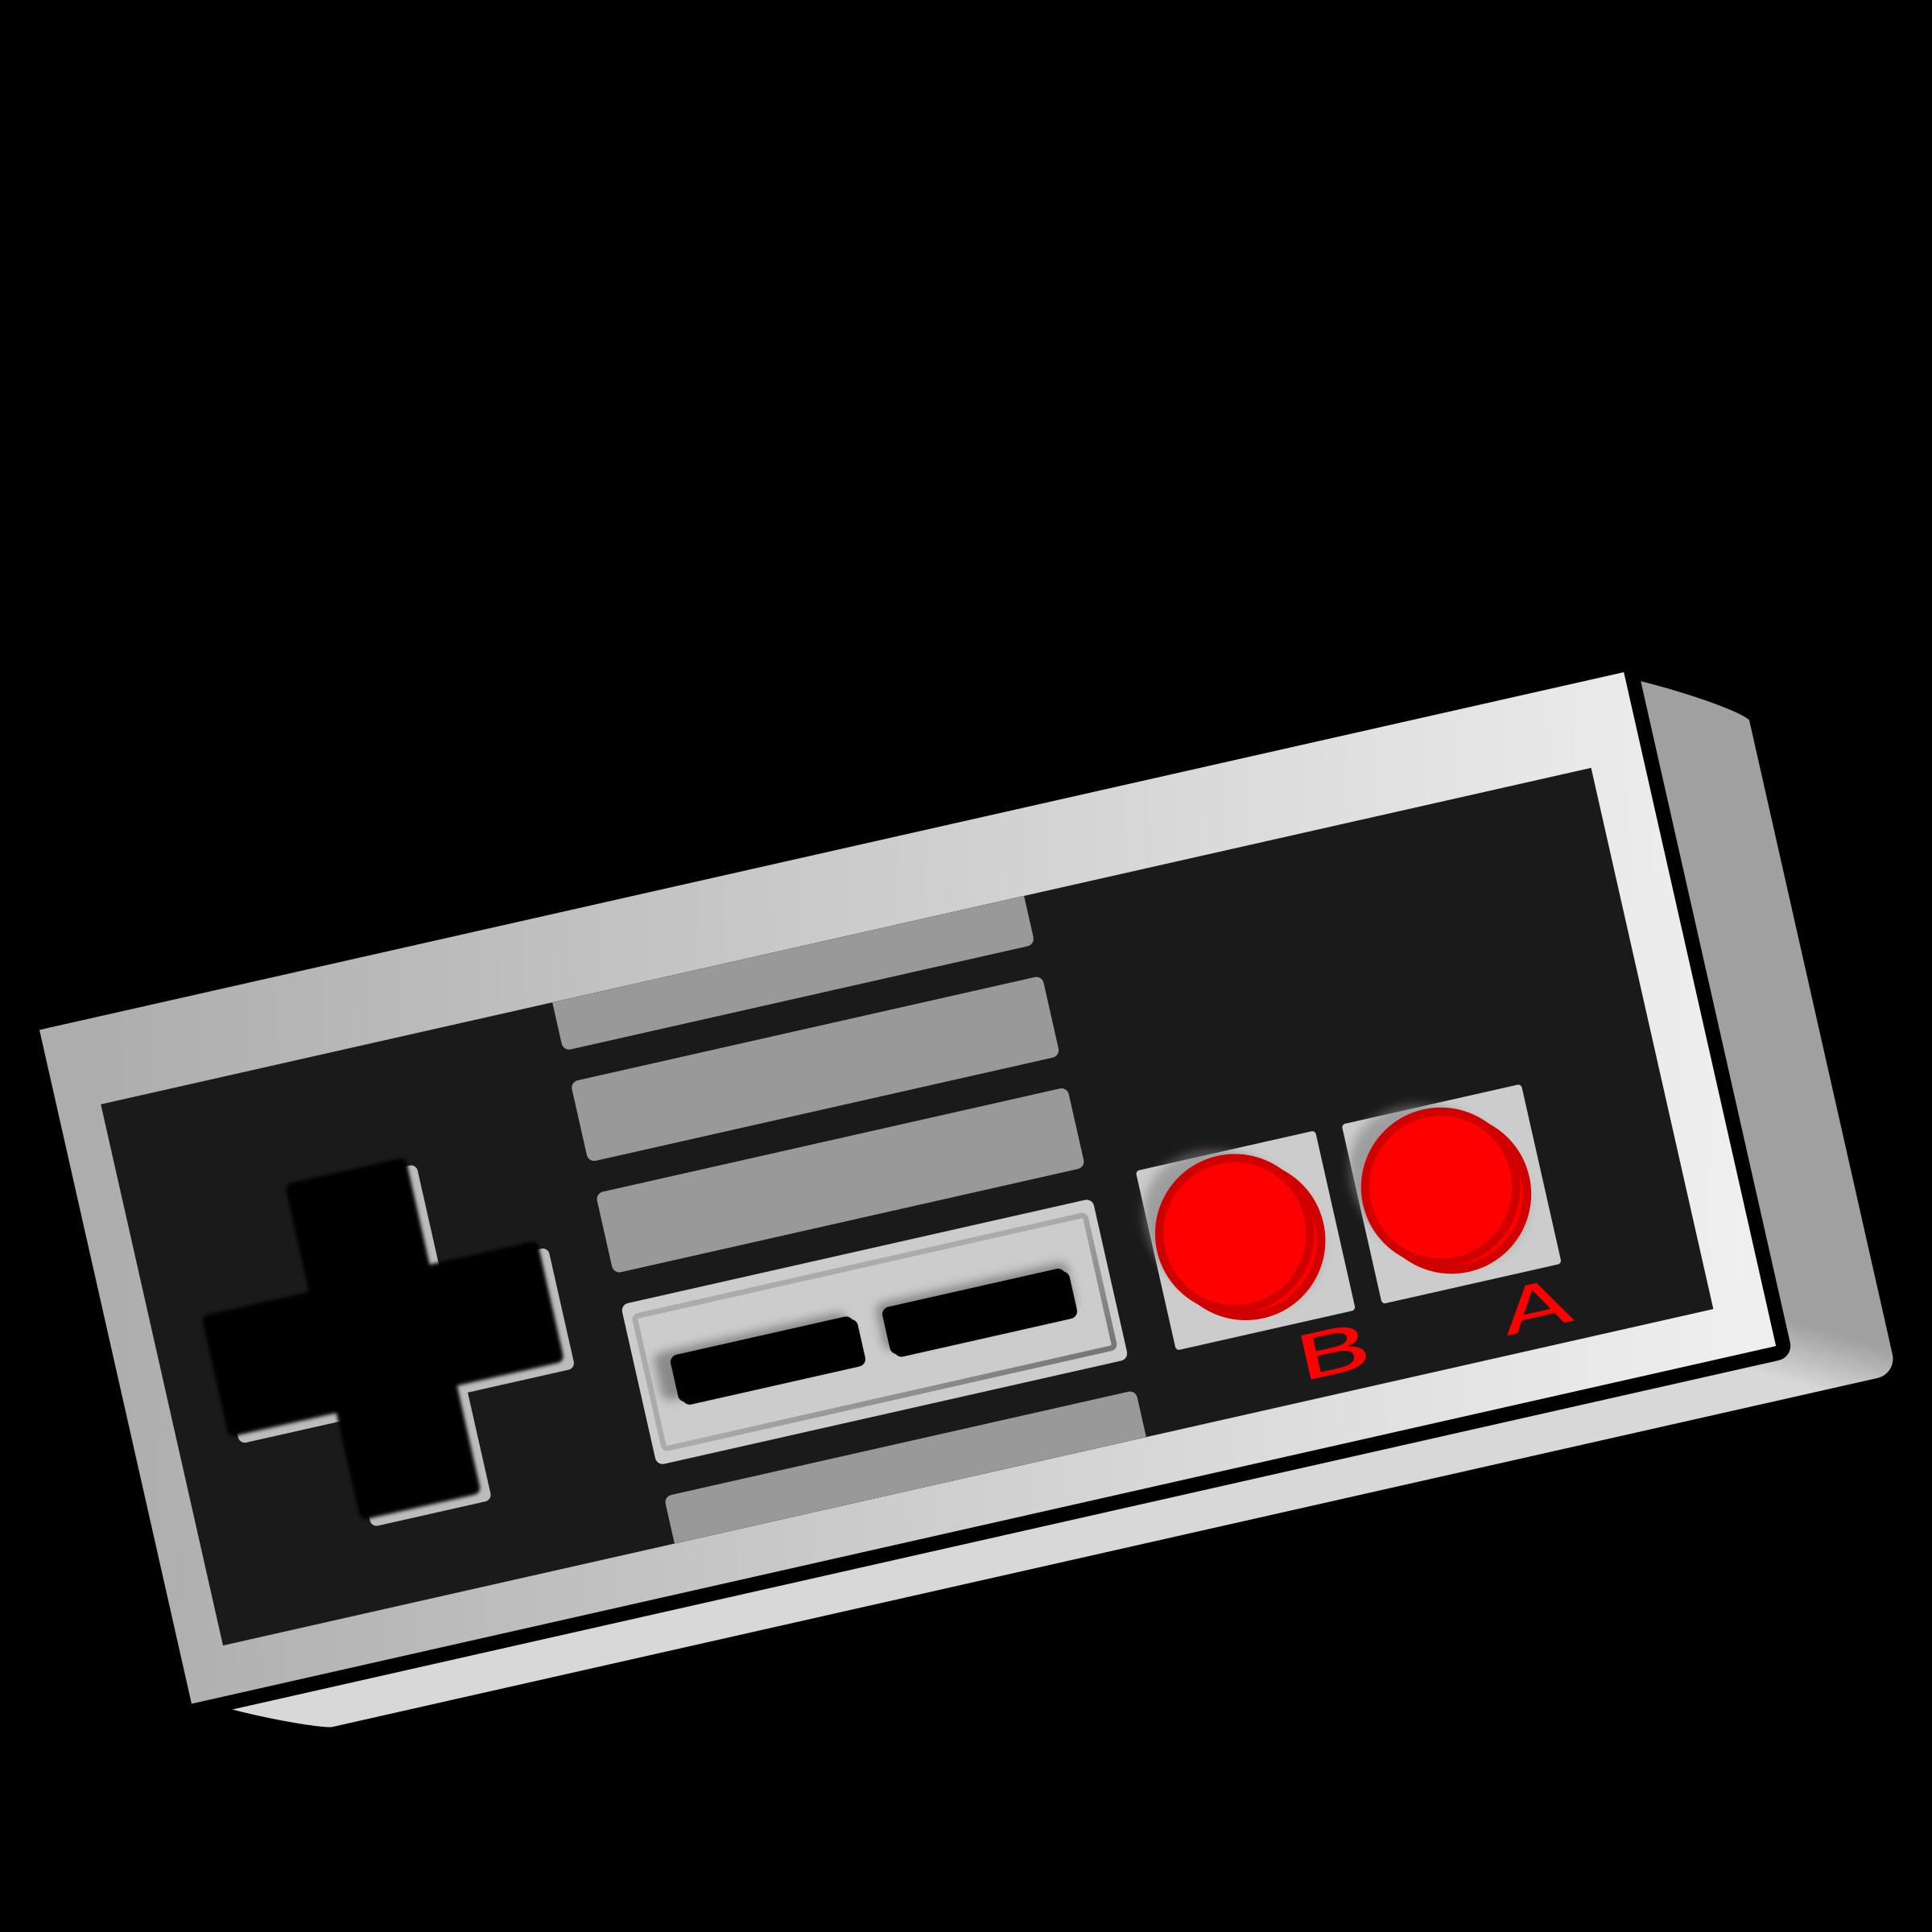 8 bit video game clip art